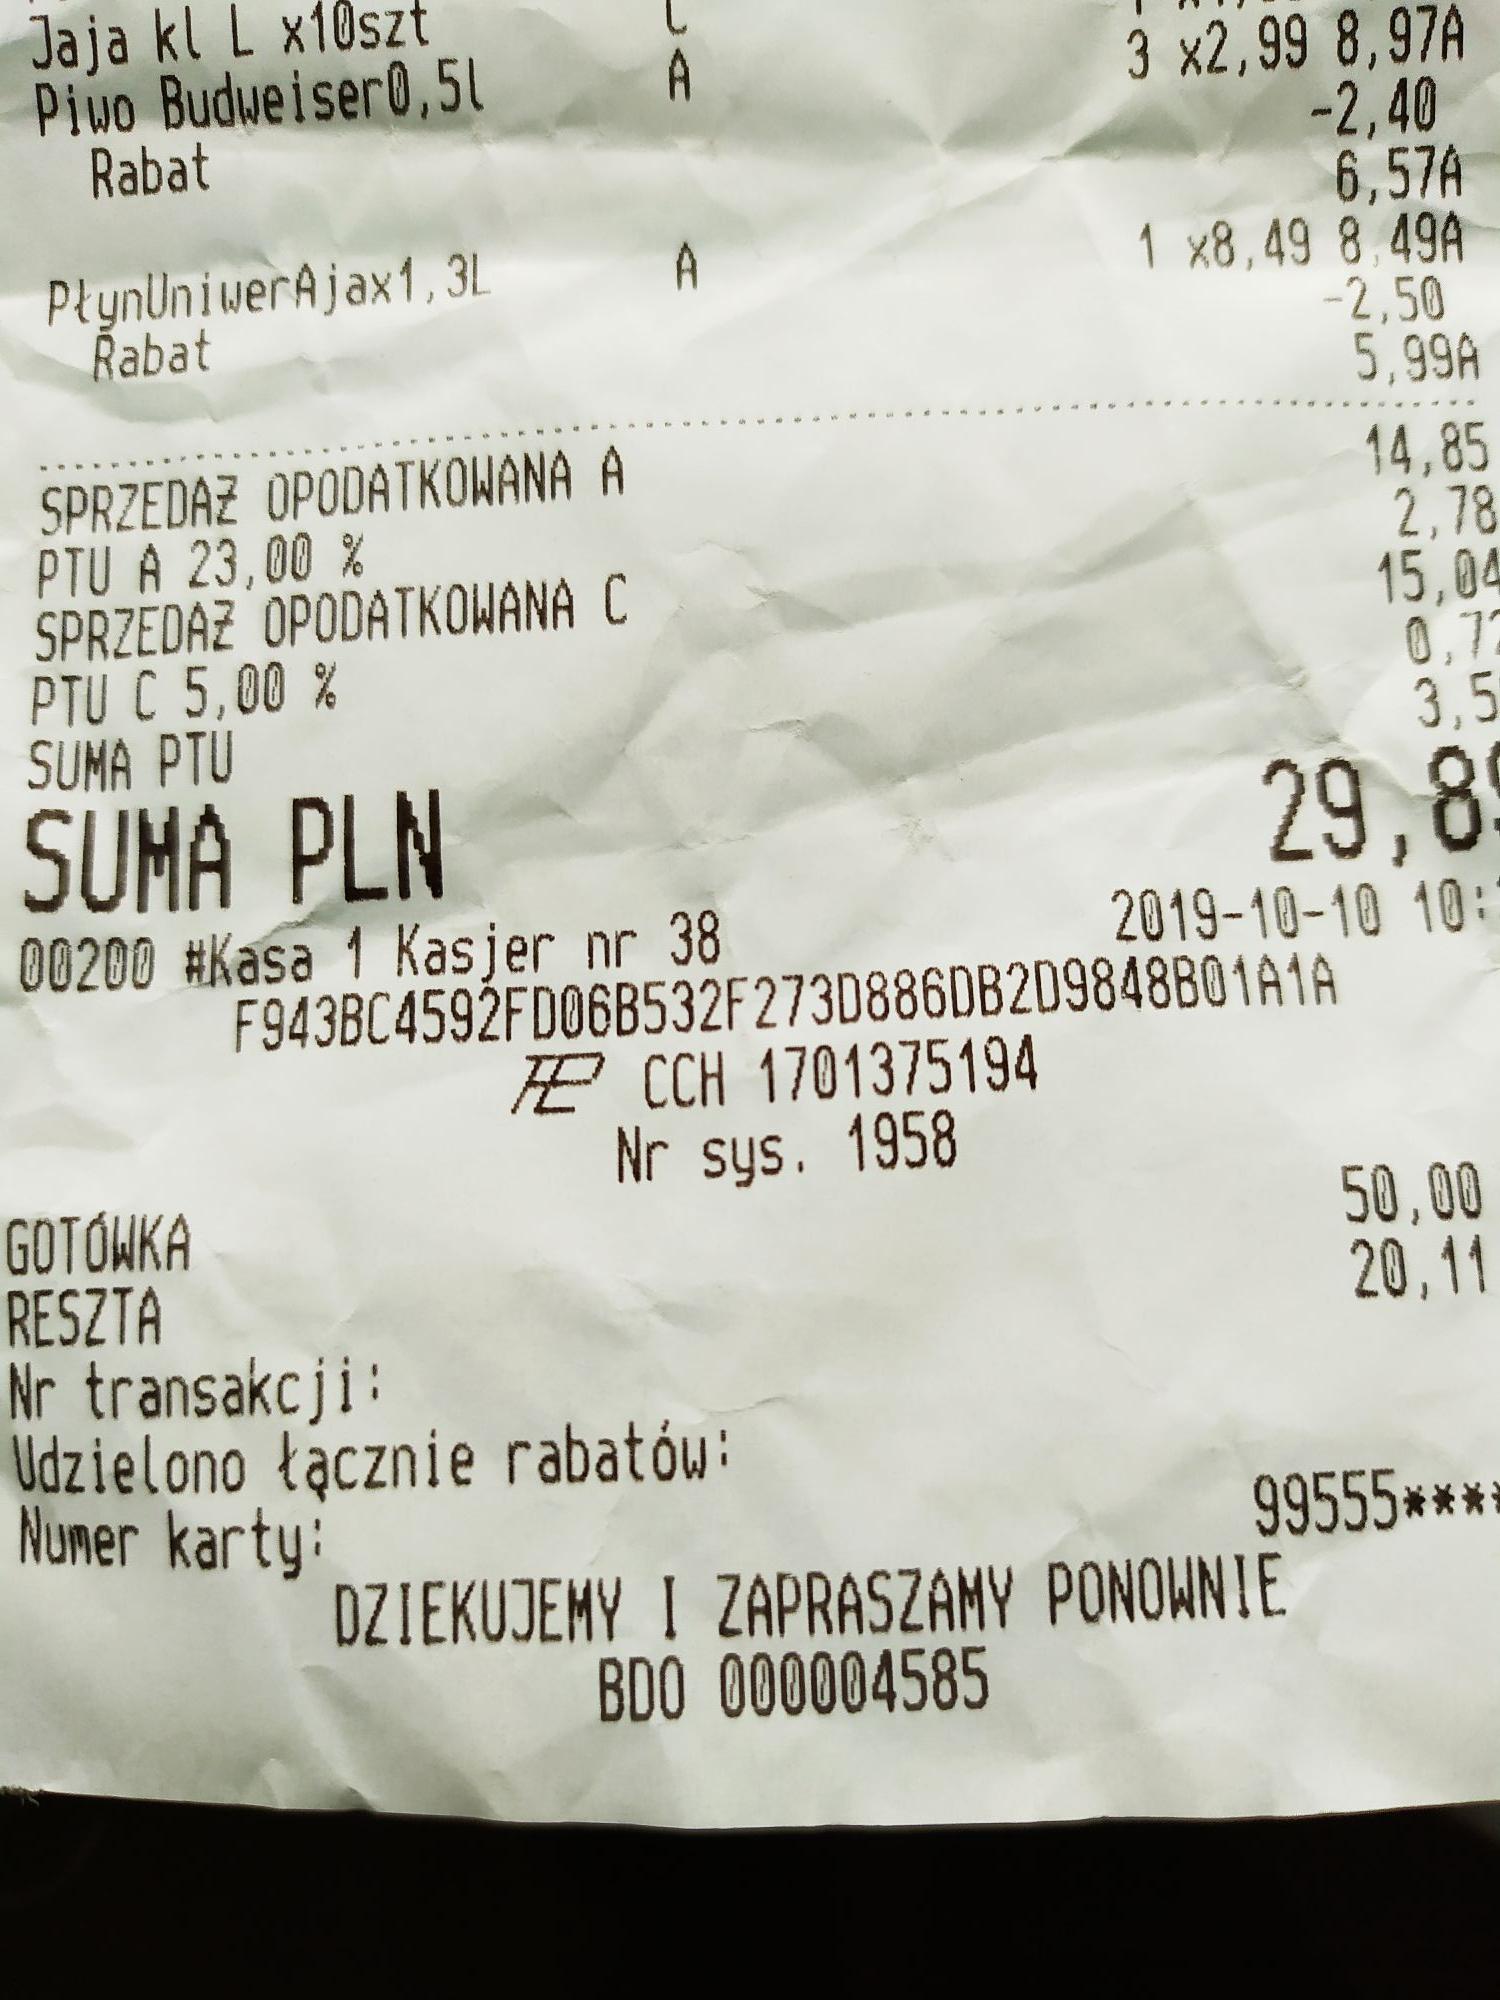 Biedronka: Piwo Budweiser 0,5 l po 2,19 zł za sztukę przy zakupie 3 butelek.